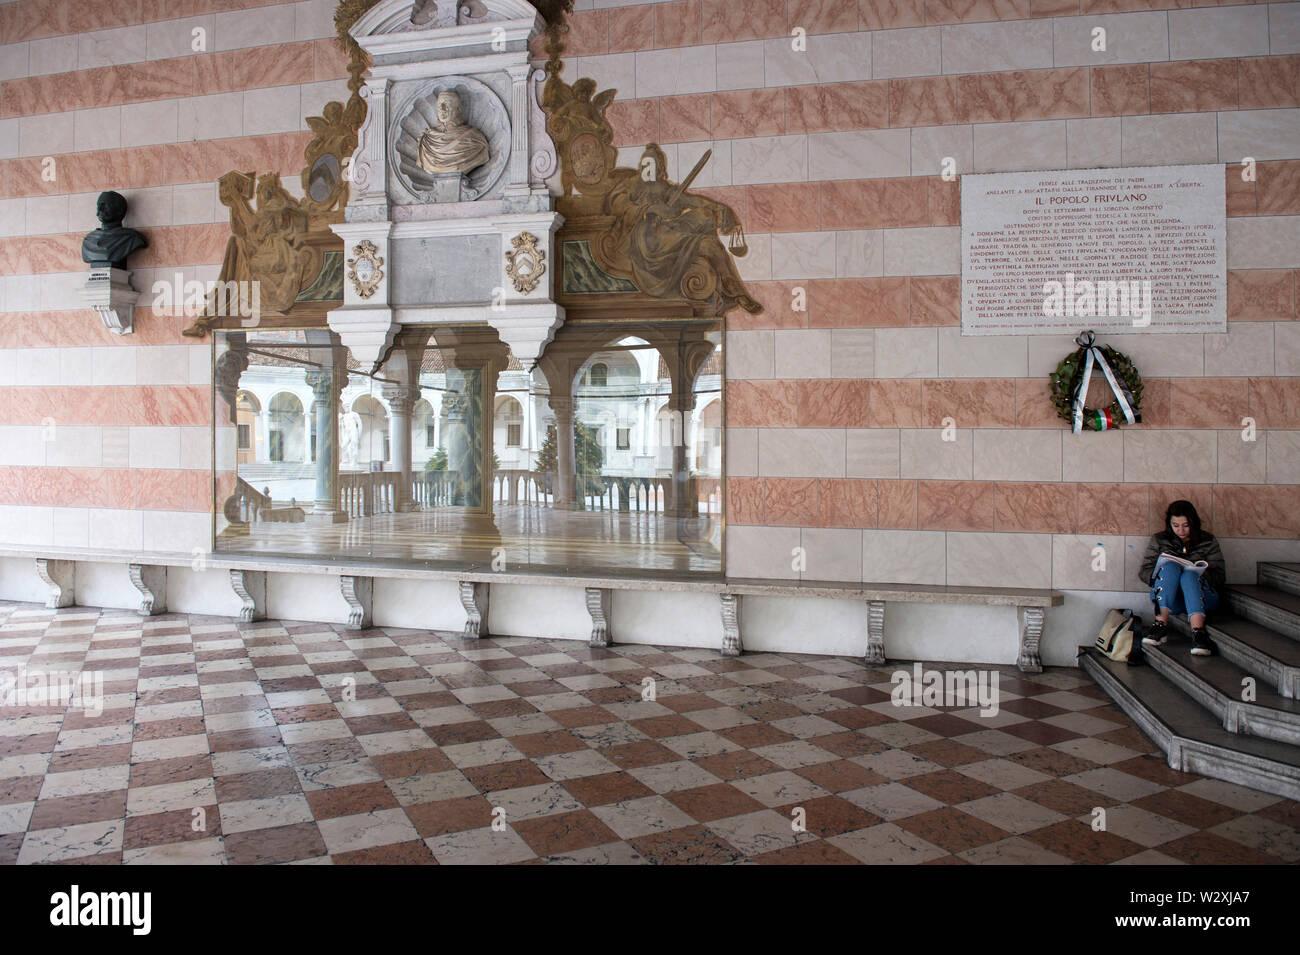 Italy, Friuli Venezia Giulia, Udine, Piazza Libertà, Loggia del Lionello - Stock Image